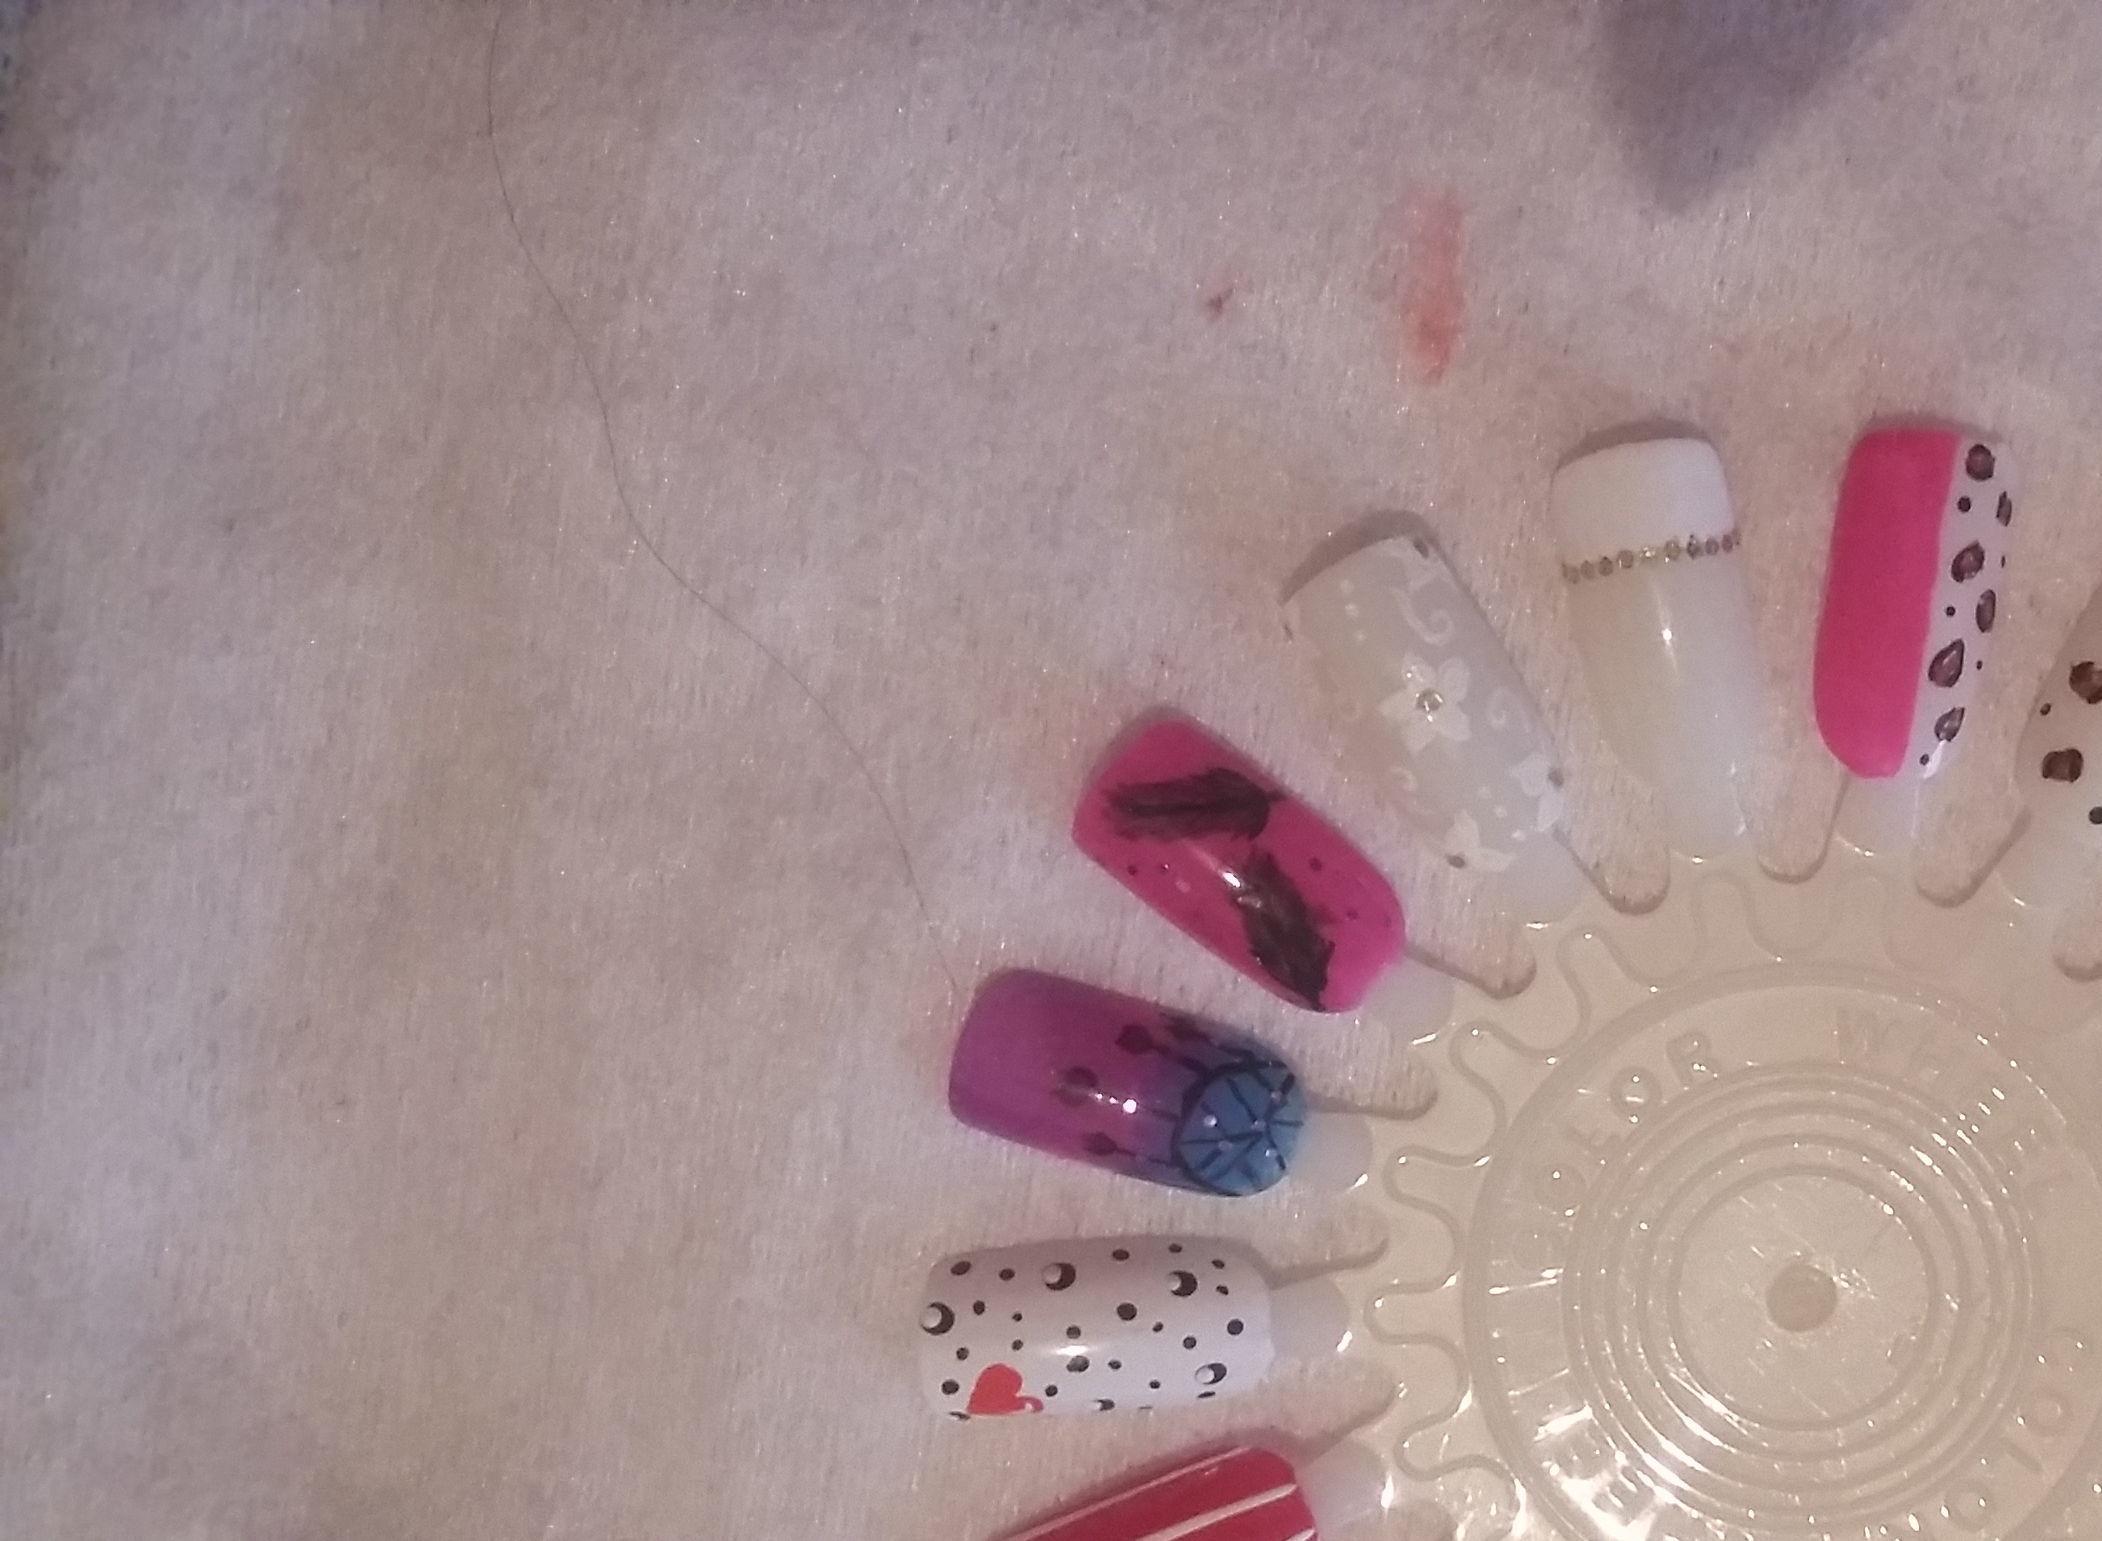 Decorações que eu faço  manicure e pedicure